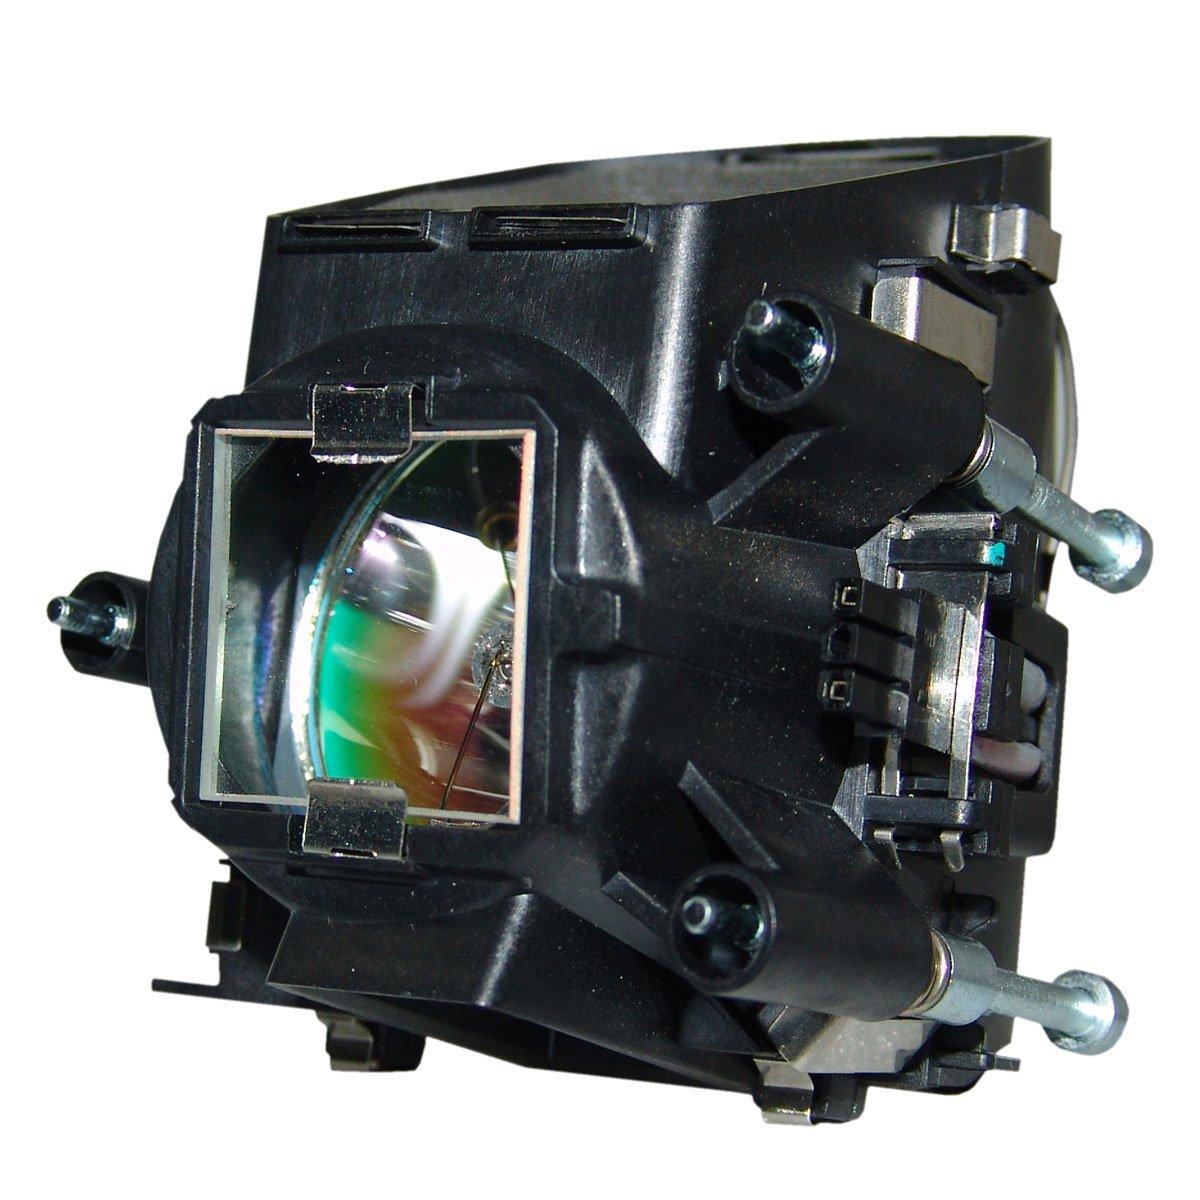 Lutema OEMプロジェクター交換用ランプ ハウジング/電球付き デジタルプロジェクションIVision 30-1080P-C用 Platinum (Brighter/Durable) B07KTKJ585 Lamp with Housing Platinum (Brighter/Durable)